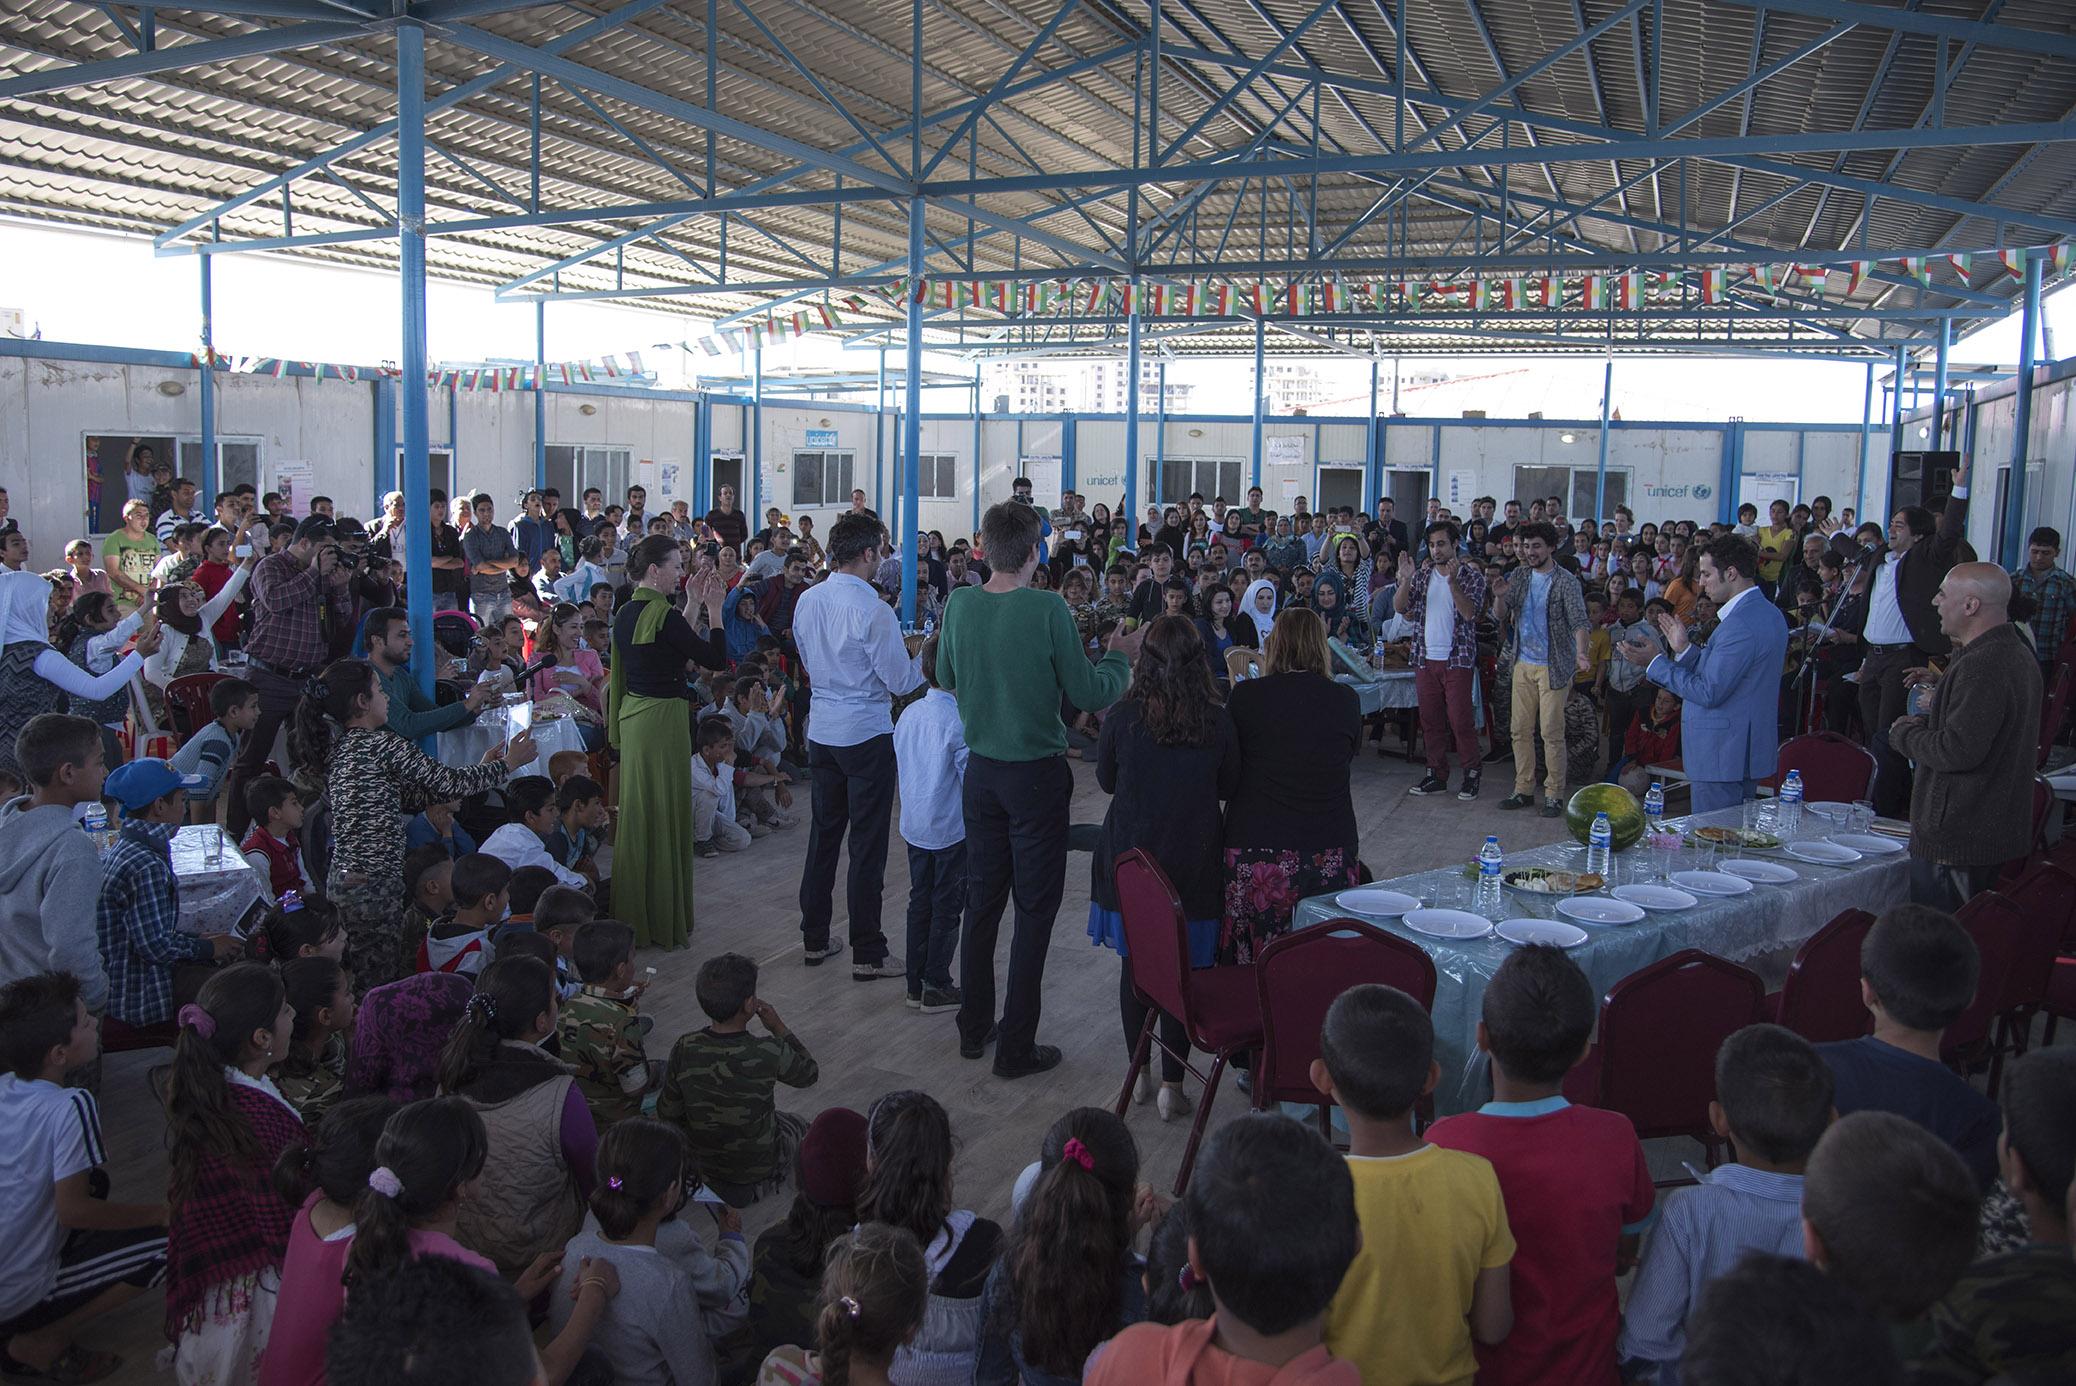 Volles Haus, im wahrsten Sinne des Wortes: Aufführung in im Domiz Flüchtlingslager.